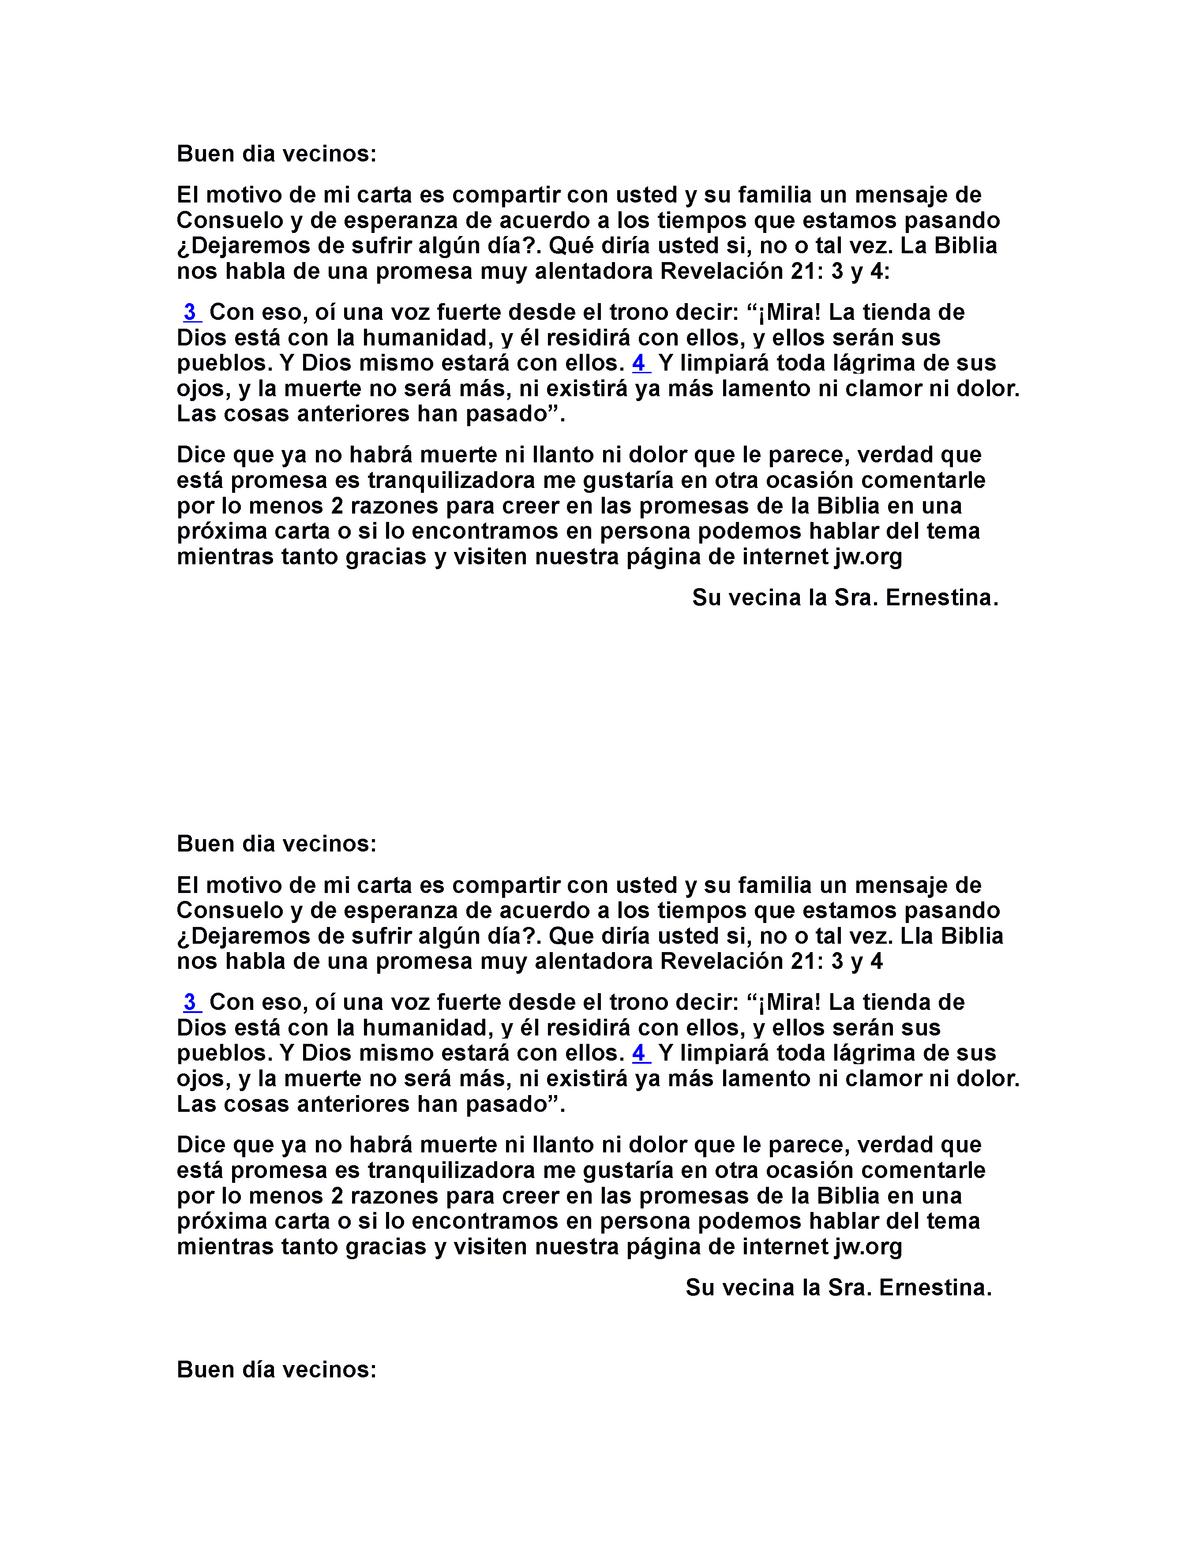 Cartas alo   Buen dia vecinos El motivo de mi carta es compartir ...